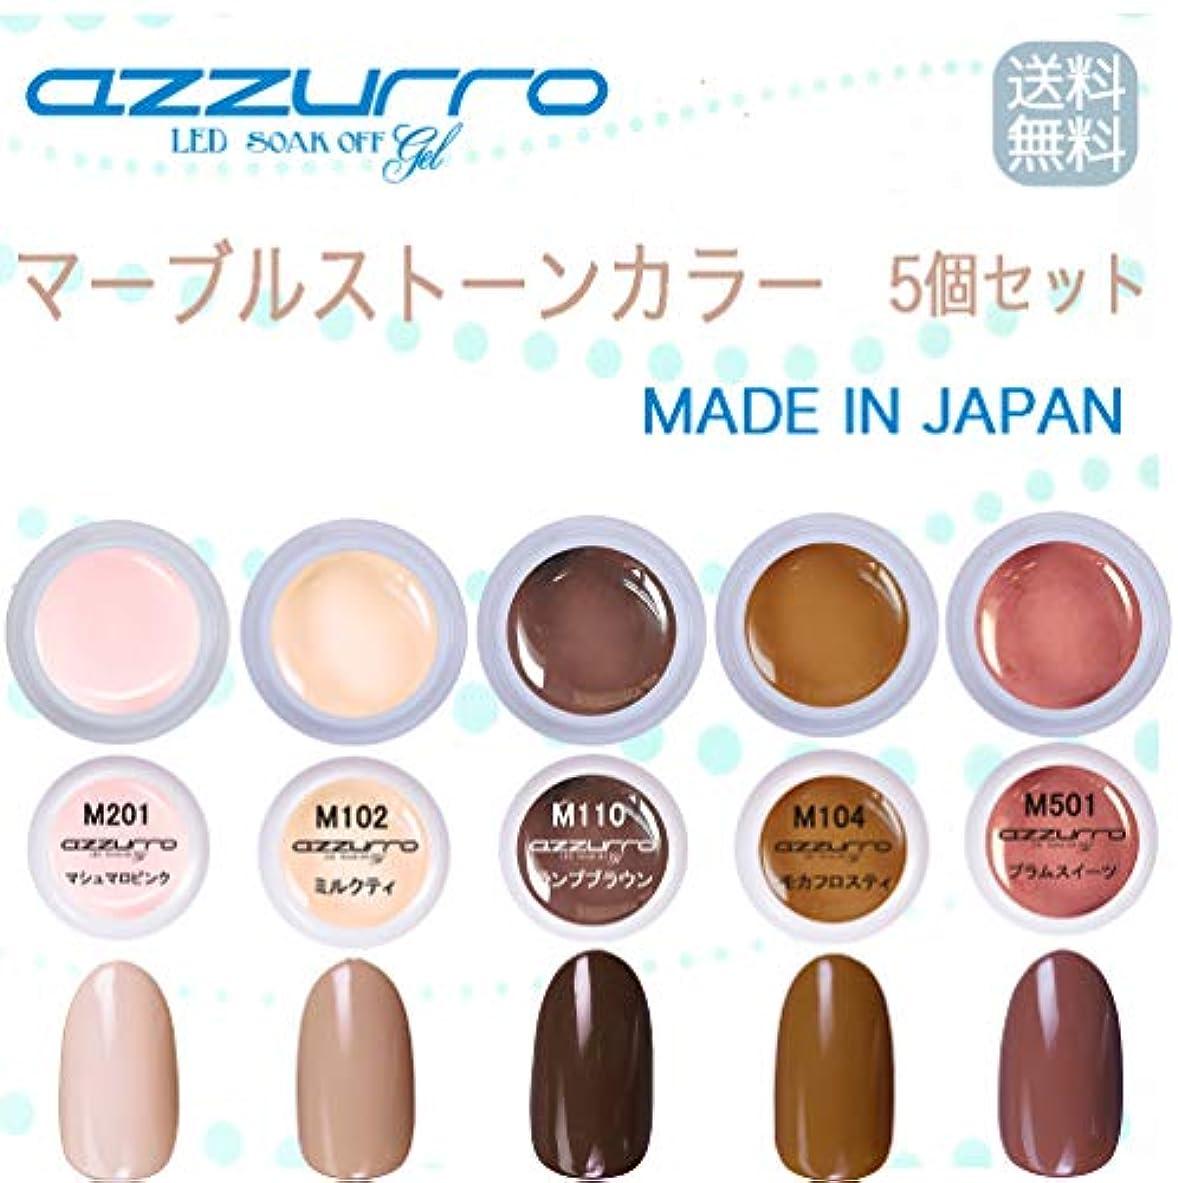 待つエロチックずっと【送料無料】日本製 azzurro gel マーブルストーンカラージェル5個セット 春にピッタリで大人気デザインの大理石ネイルにぴったりなカラー